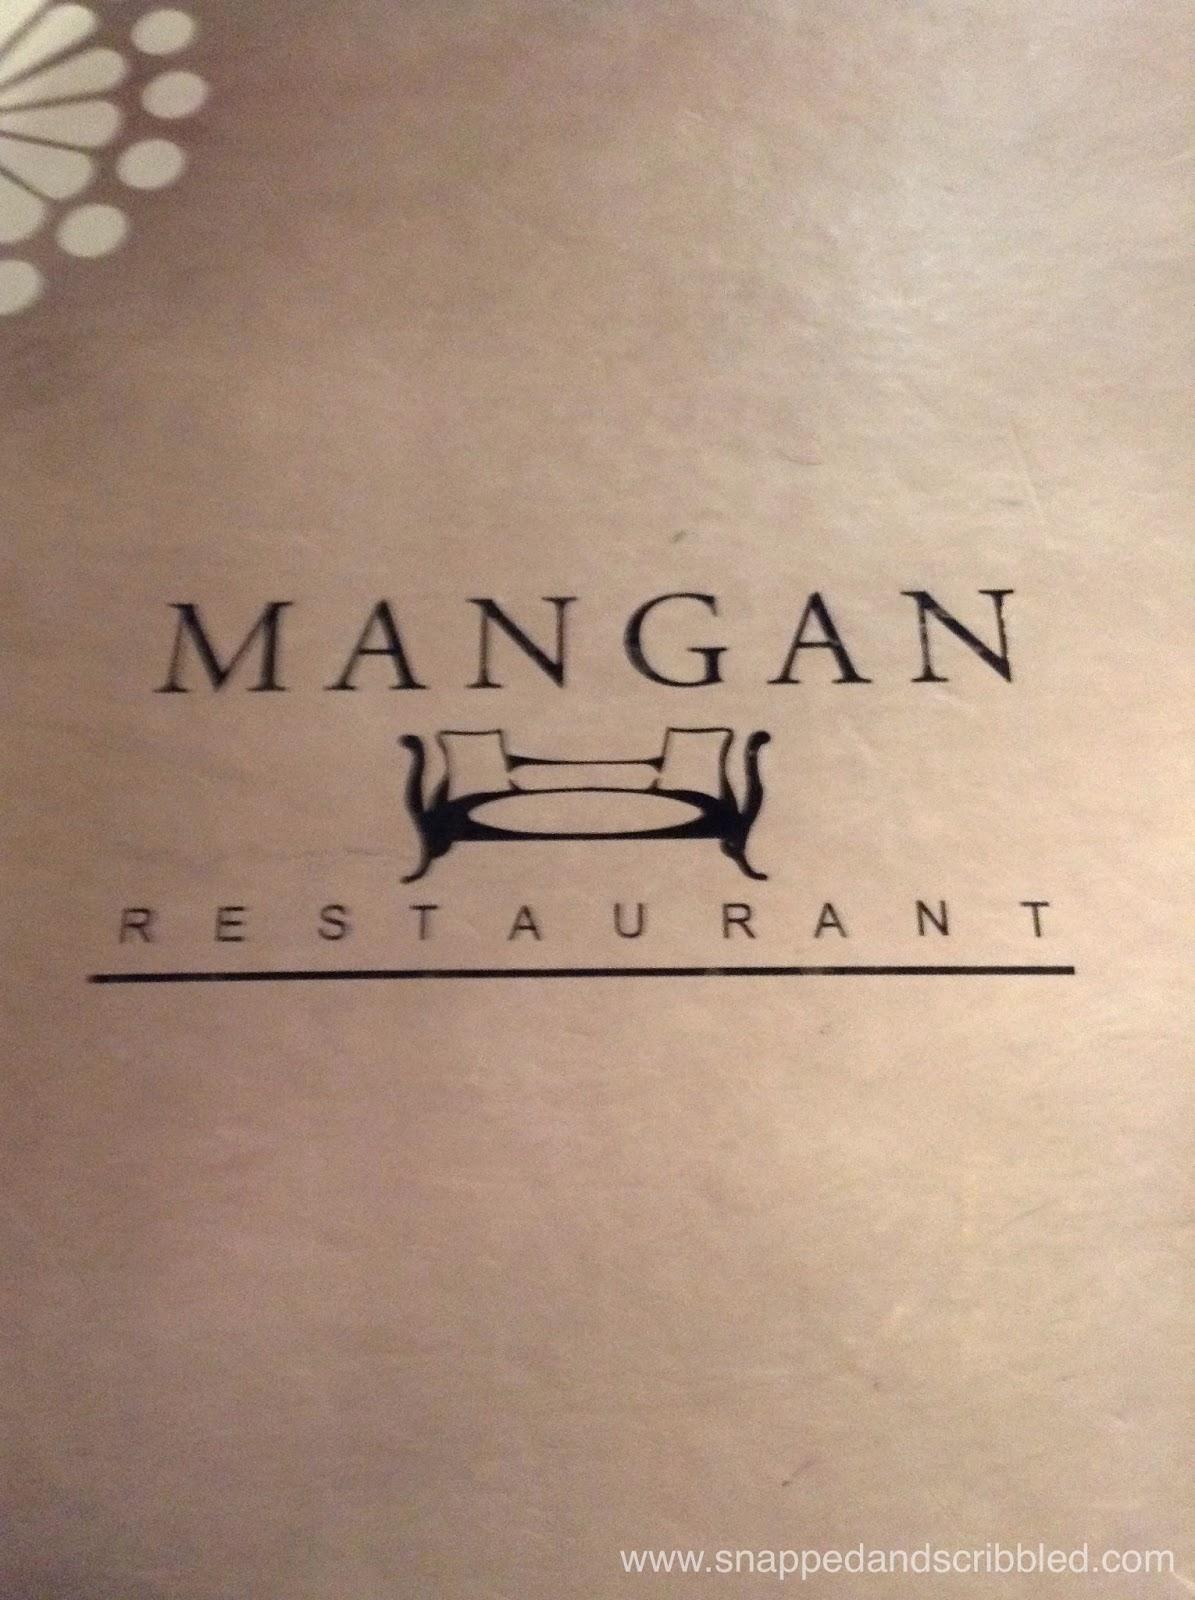 Where To Eat Filipino Food: Mangan Restaurant